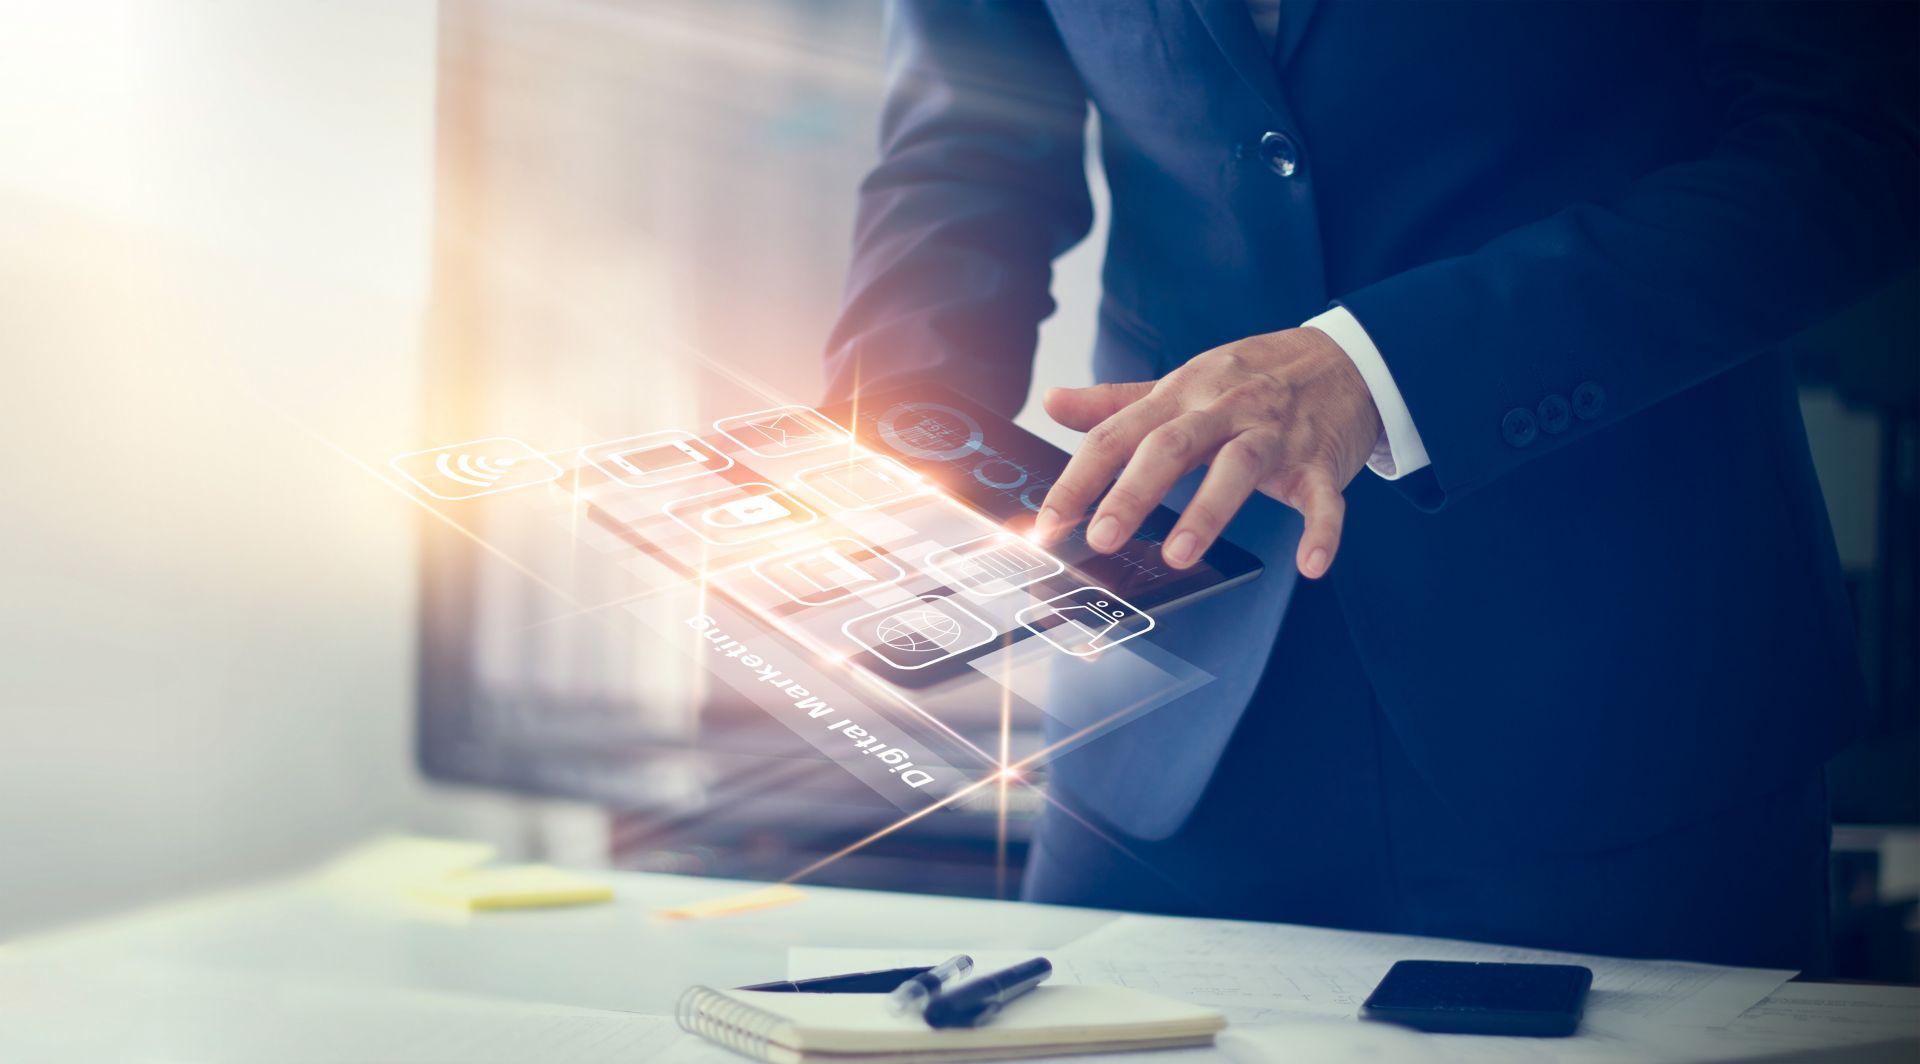 Sergic s'exporte et accélère sur l'innovation